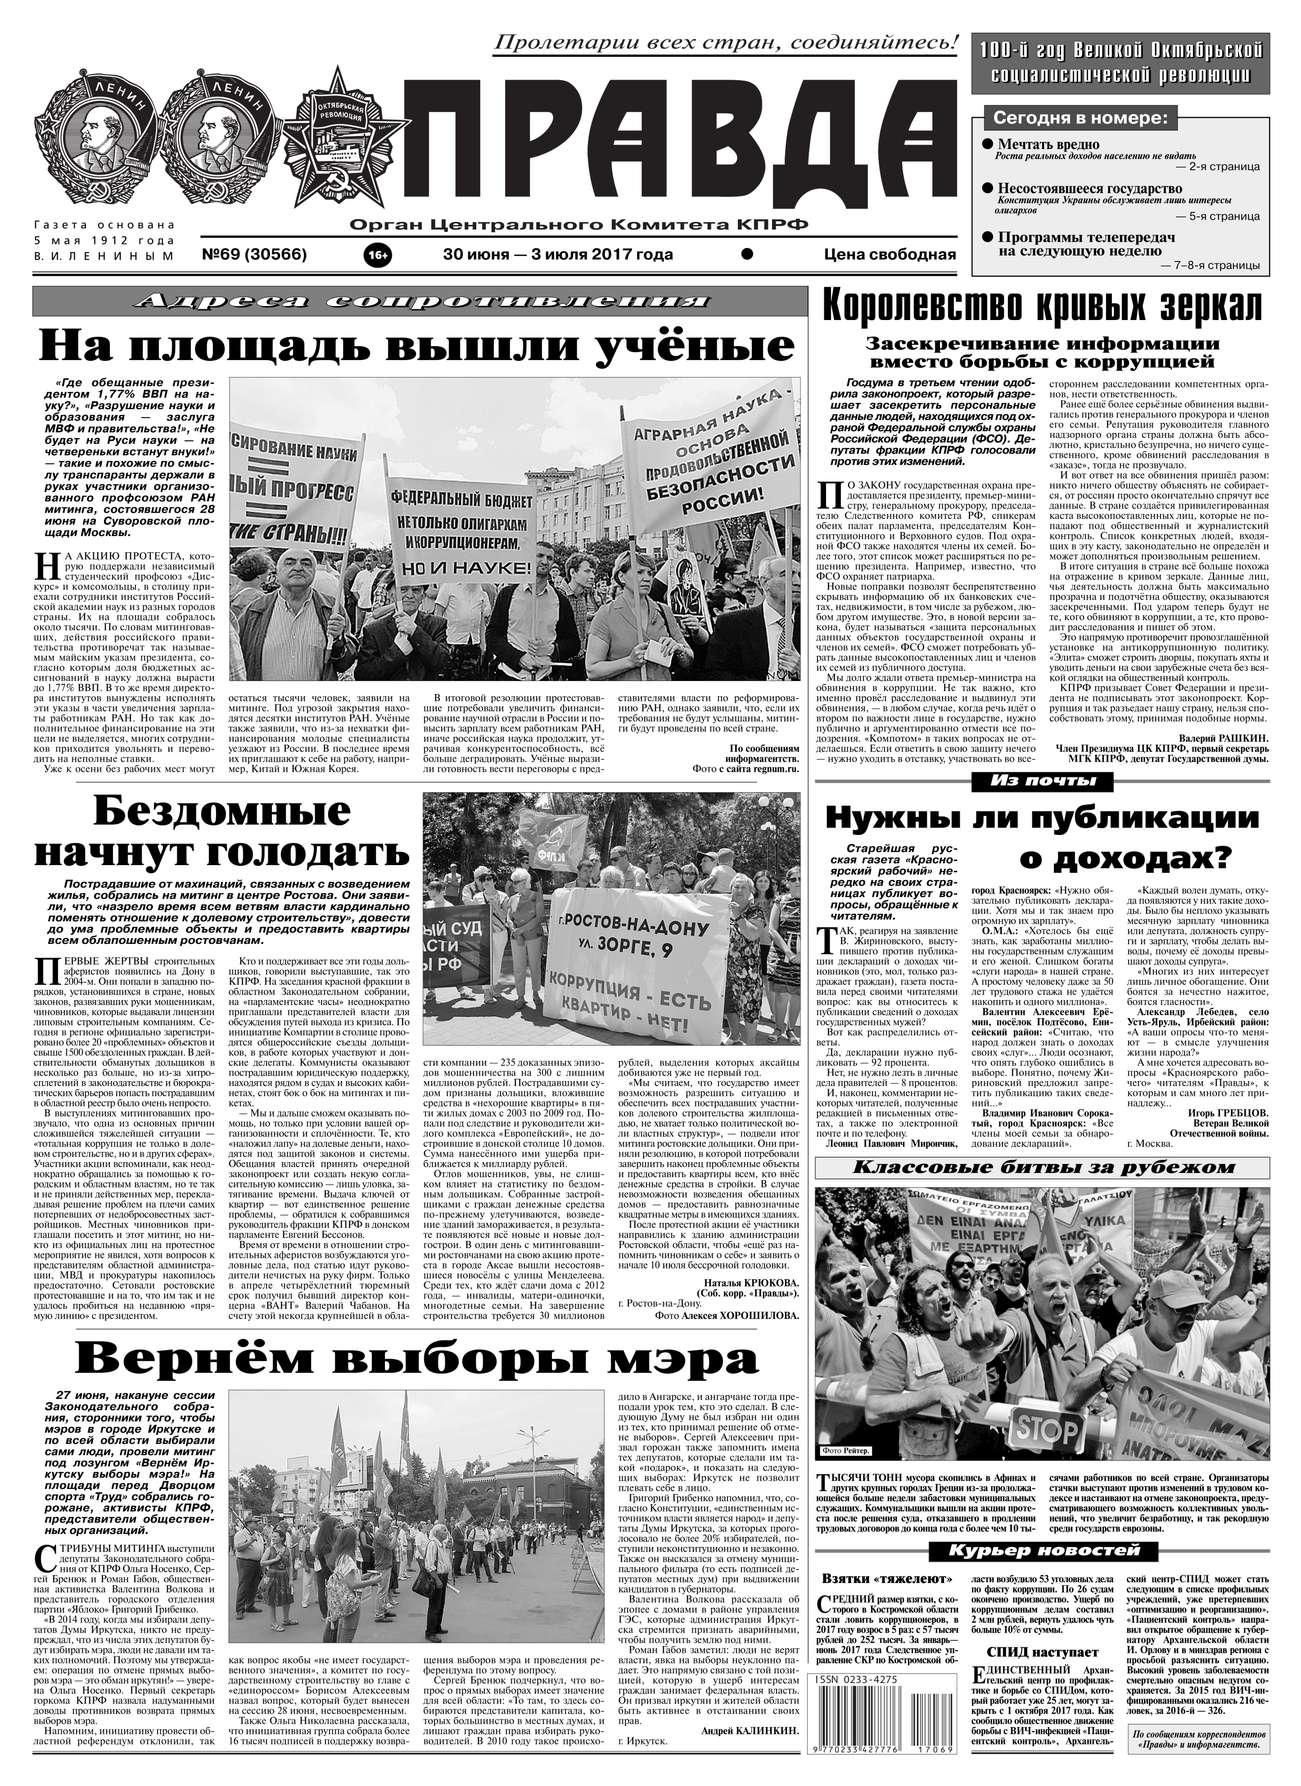 Редакция газеты Правда Правда 69-2017 редакция газеты правда правда 69 2017